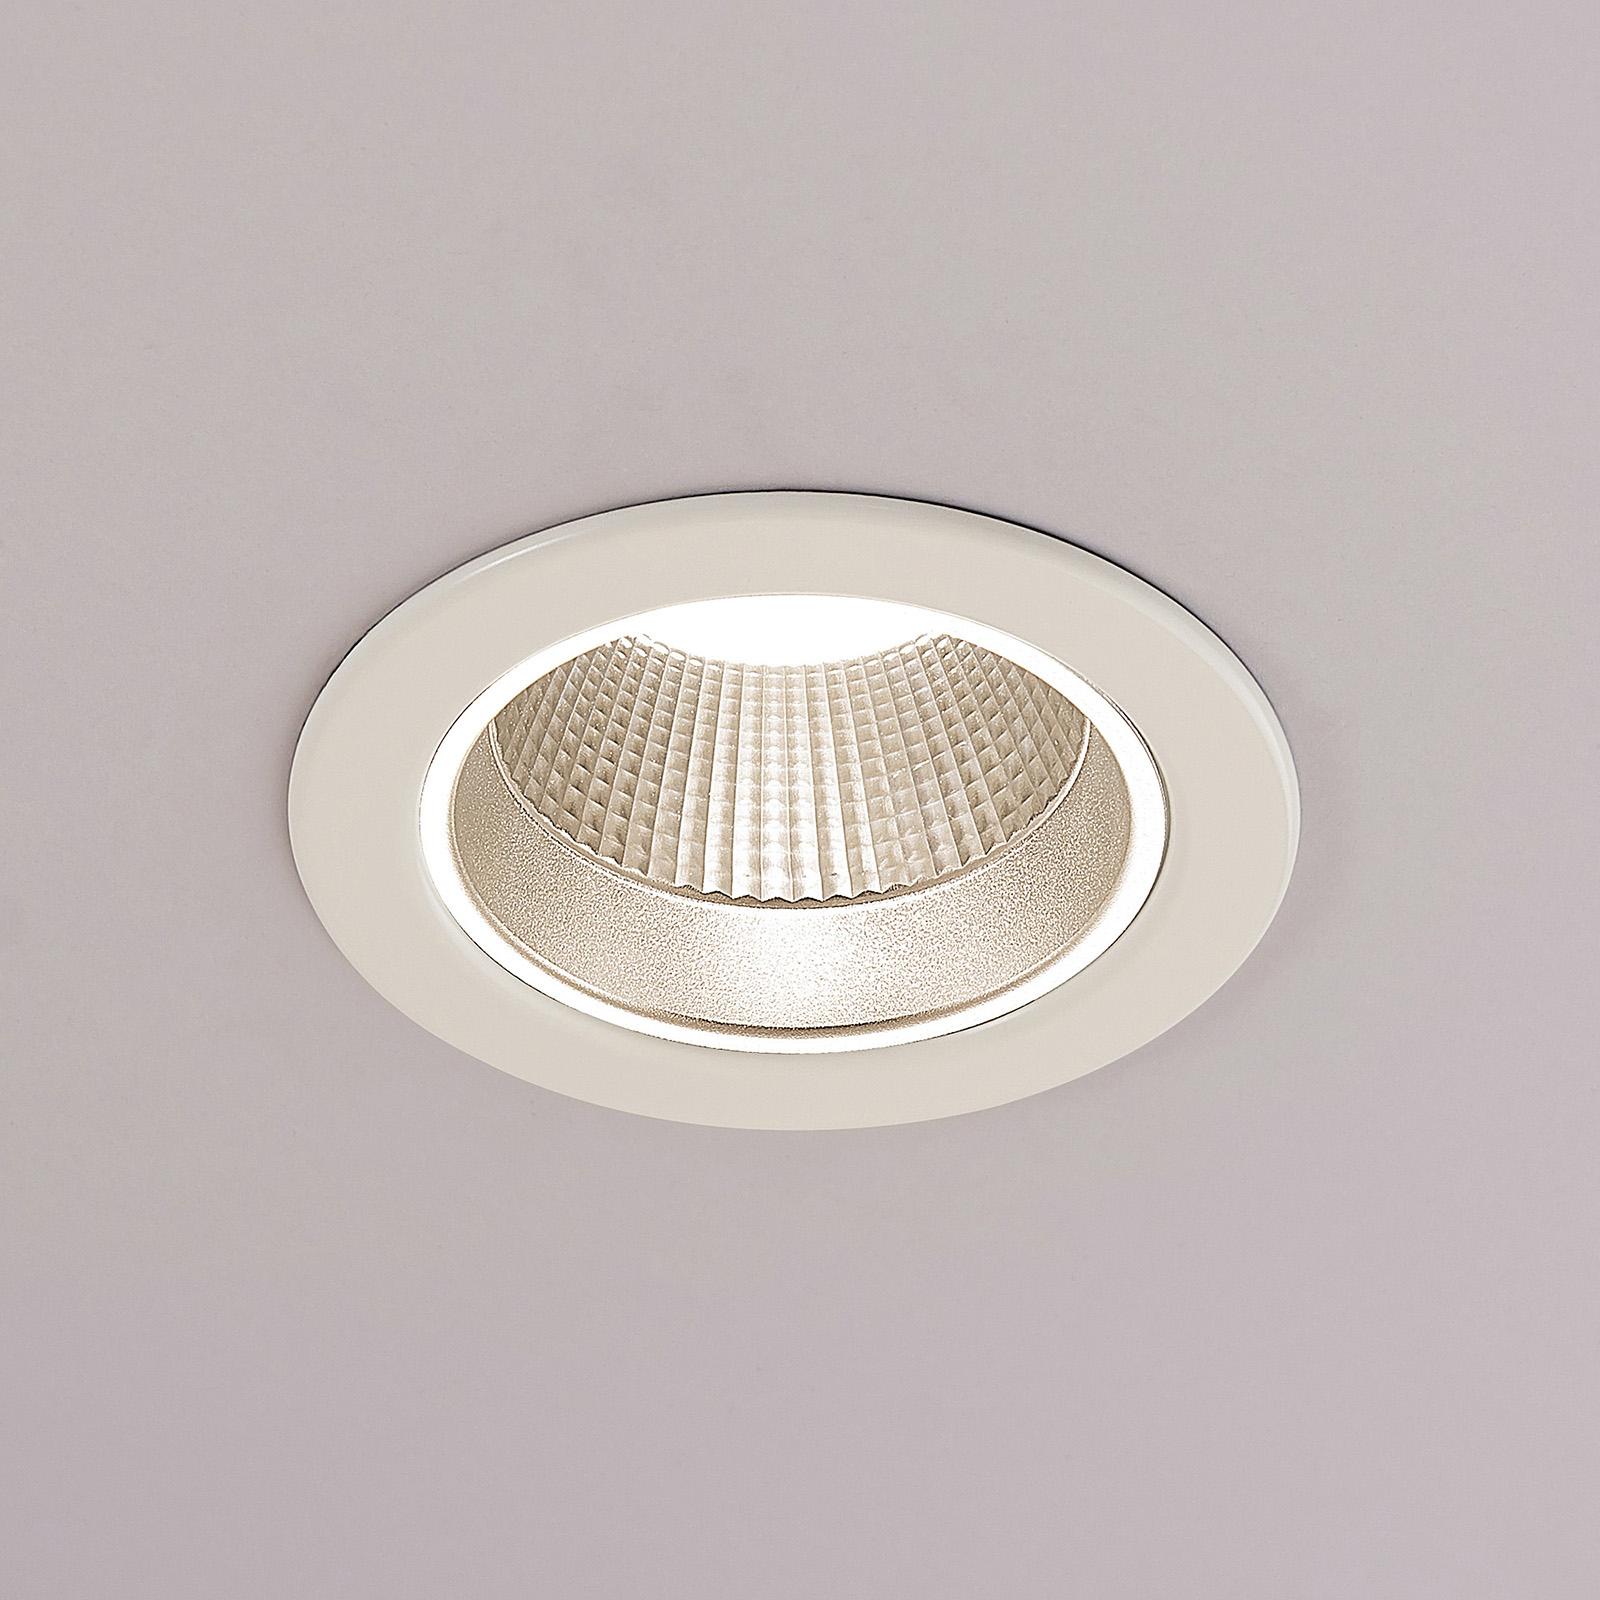 Arcchio Delano LED inbouwspot, Ø 11,3 cm